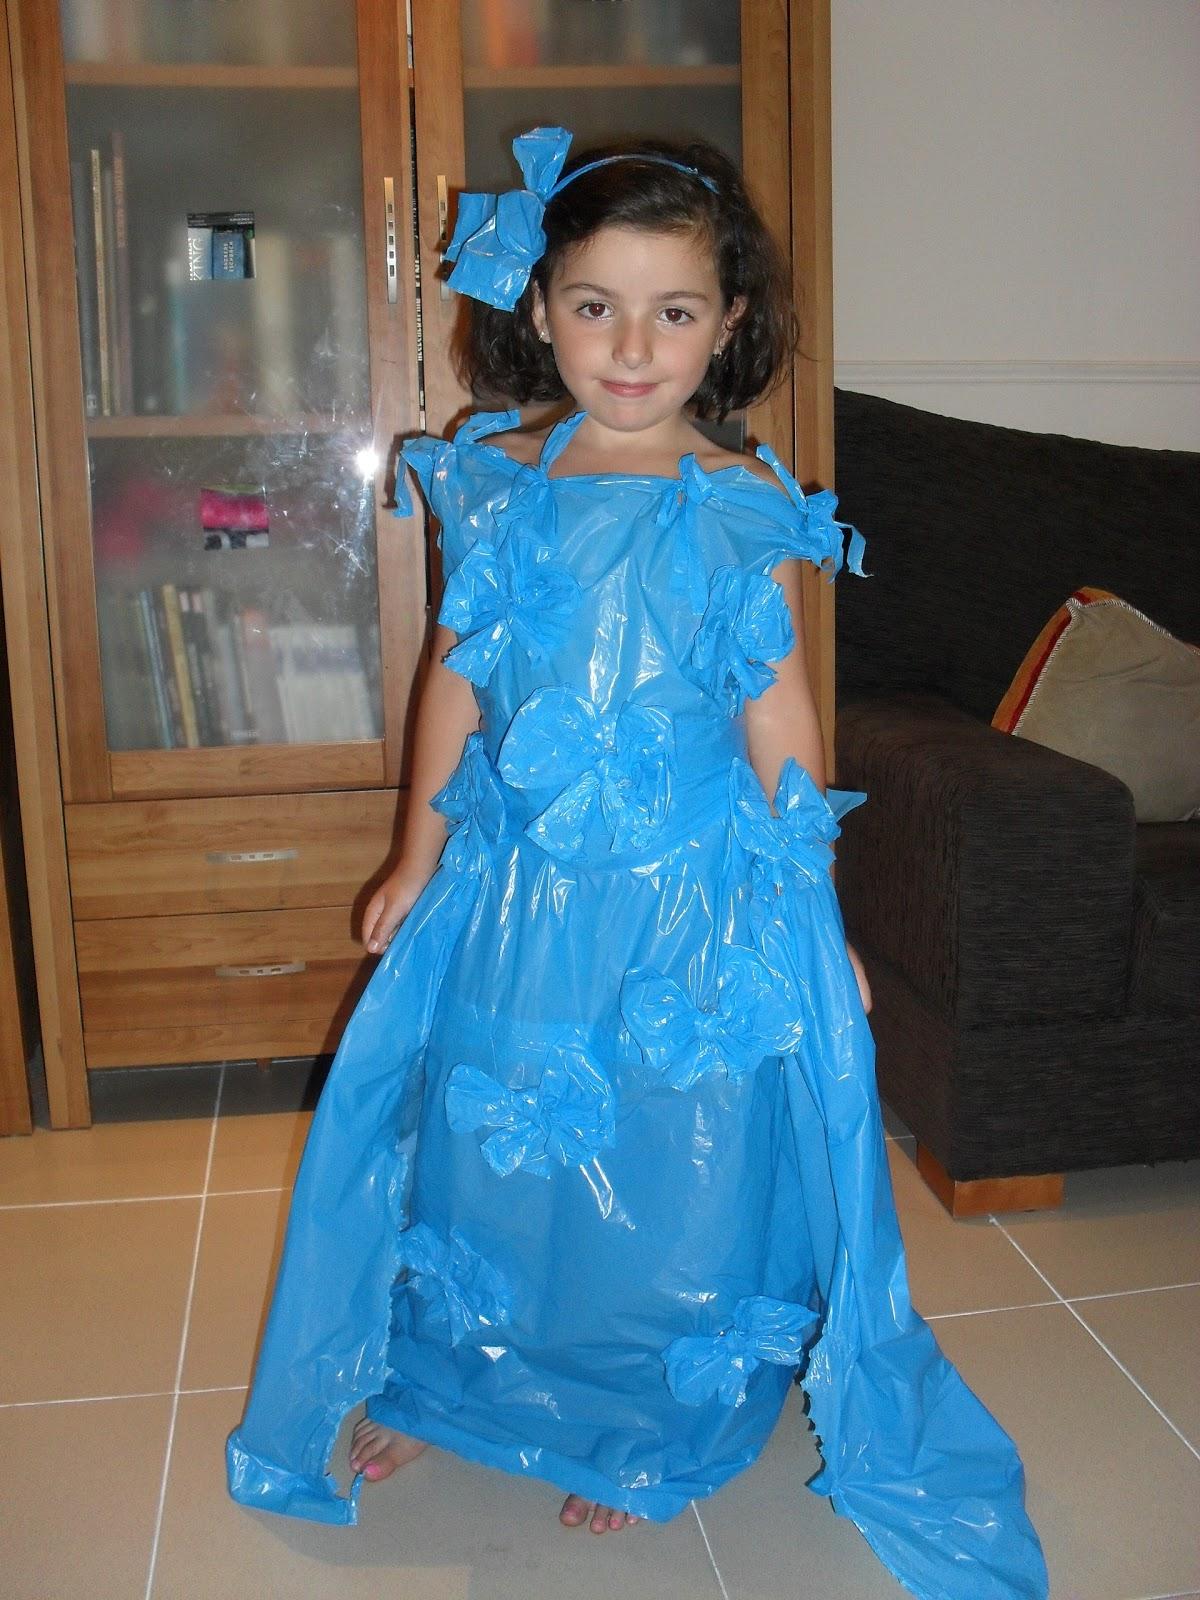 Hacemos un original y barato disfraz de princesa como bolsas de ...